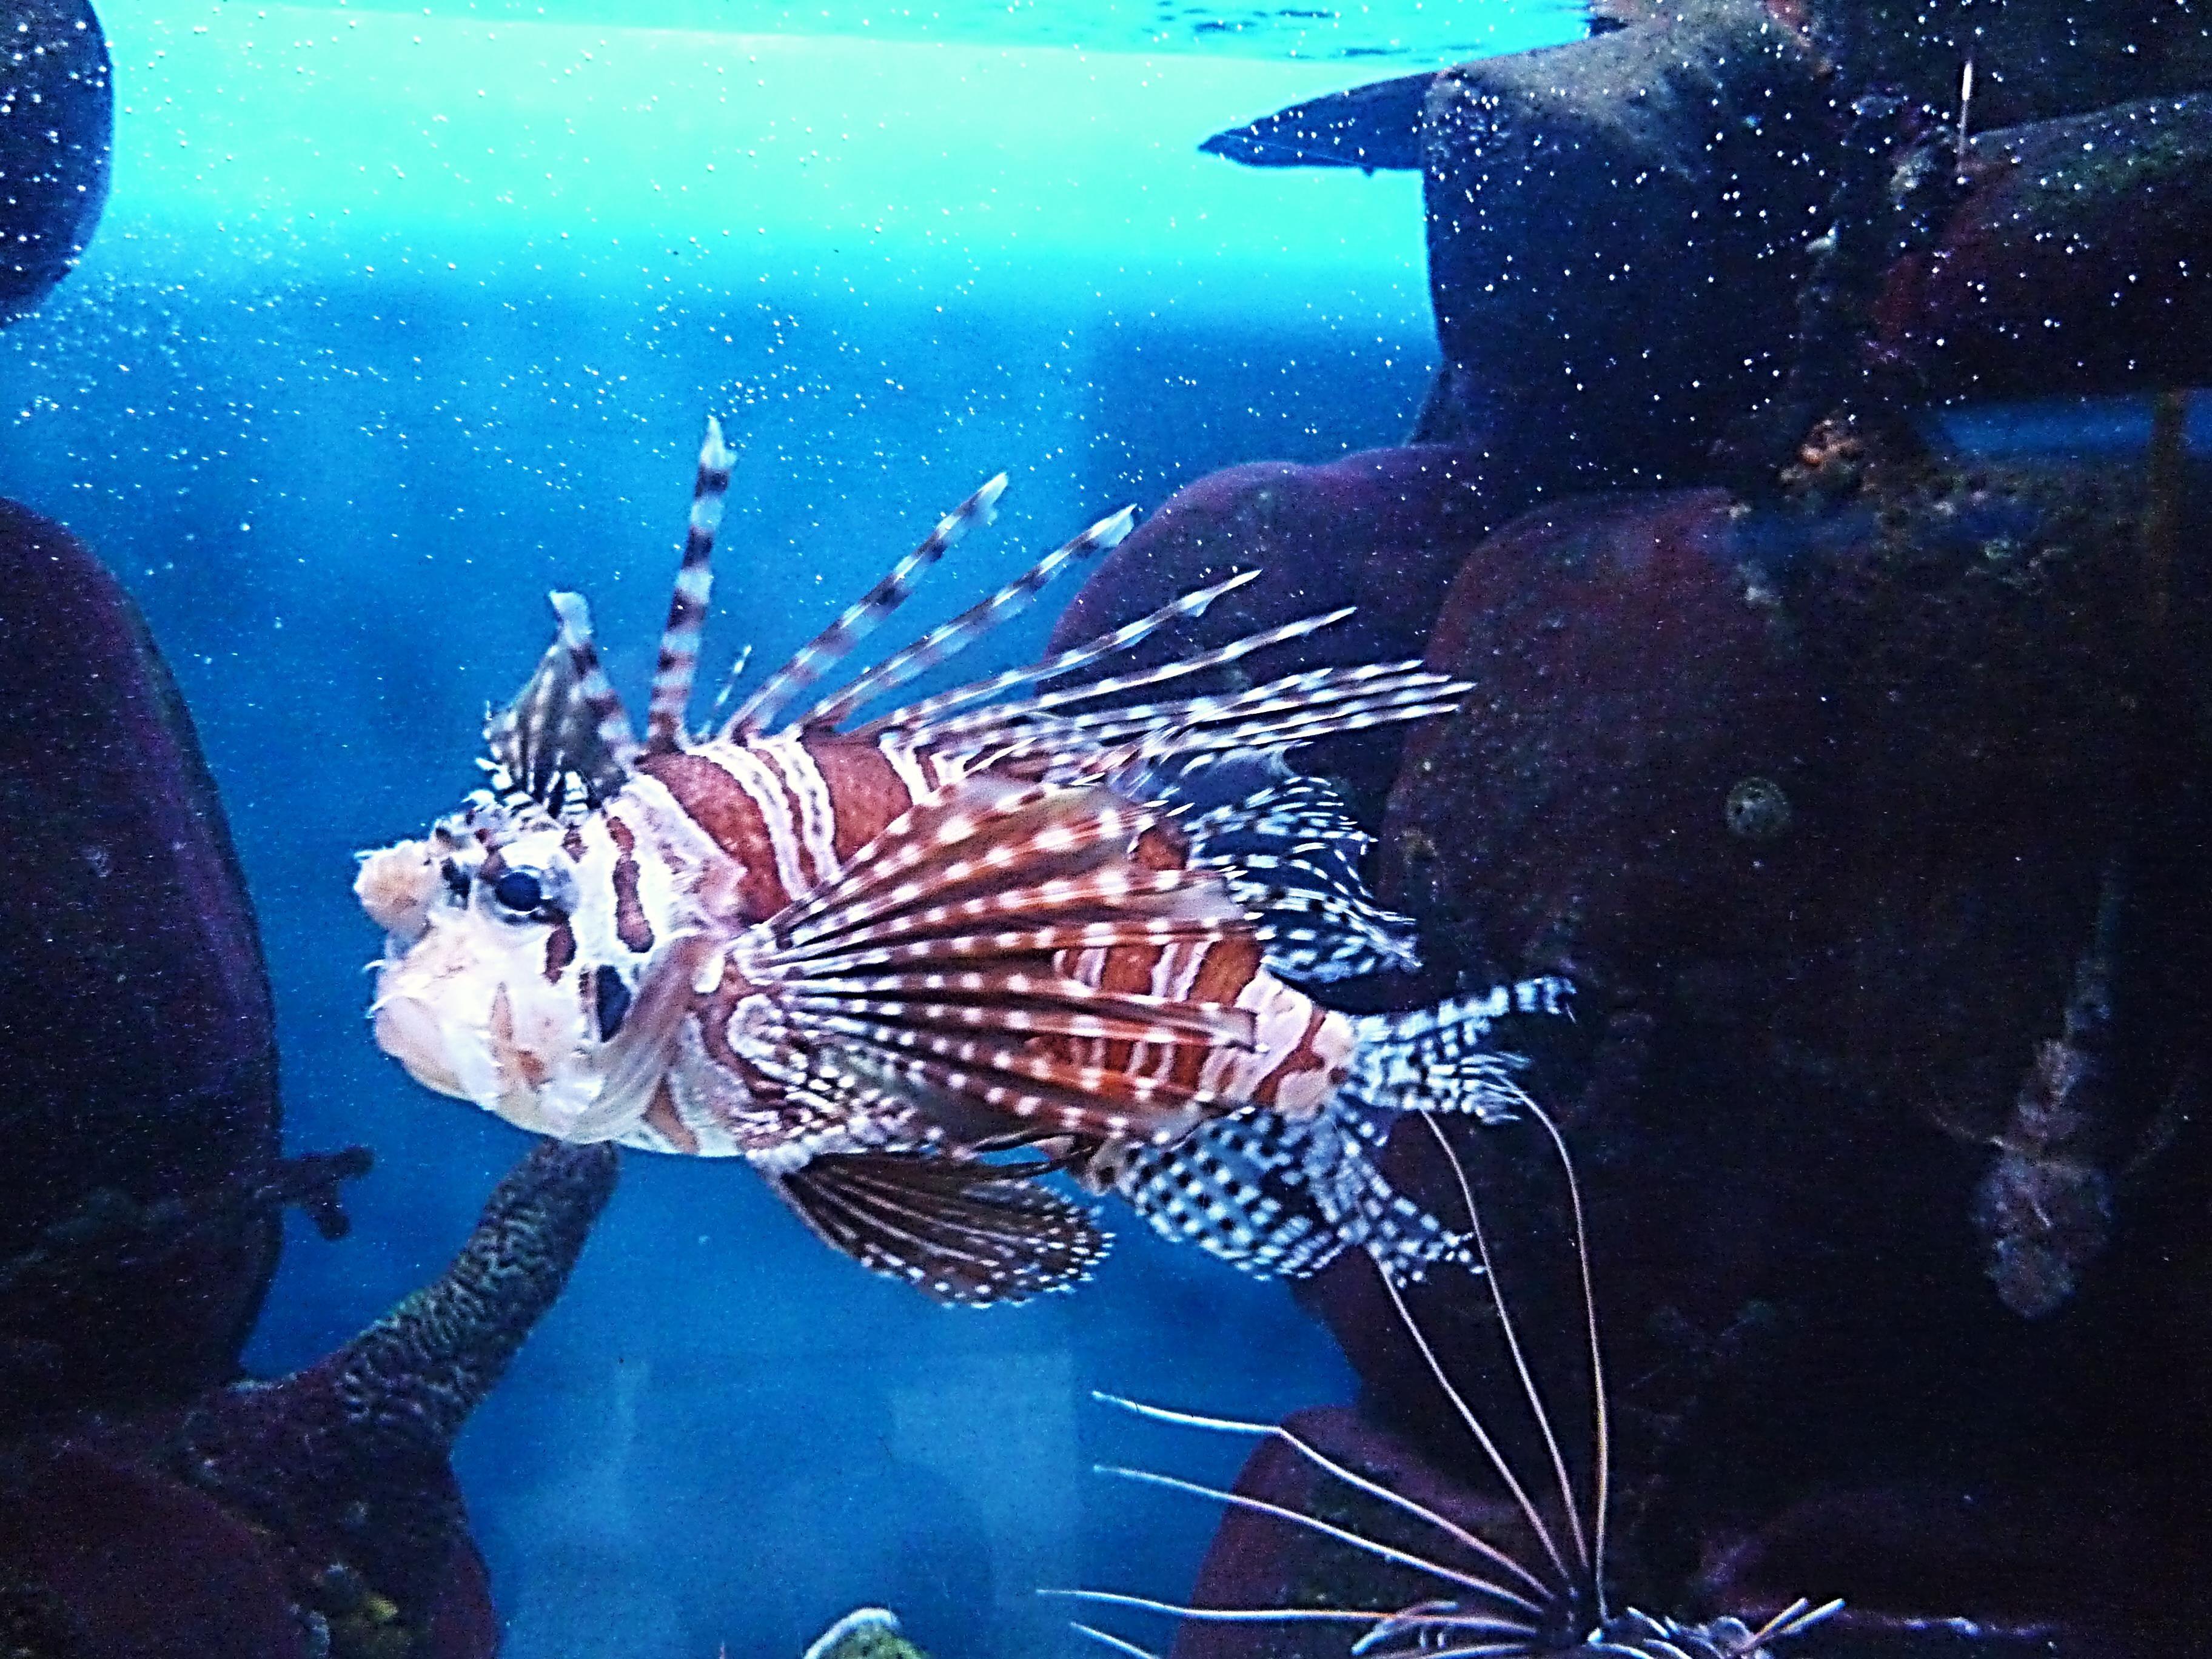 Fotos gratis : Zoo, color, biología, pescado, Pez león, Arrecife de ...